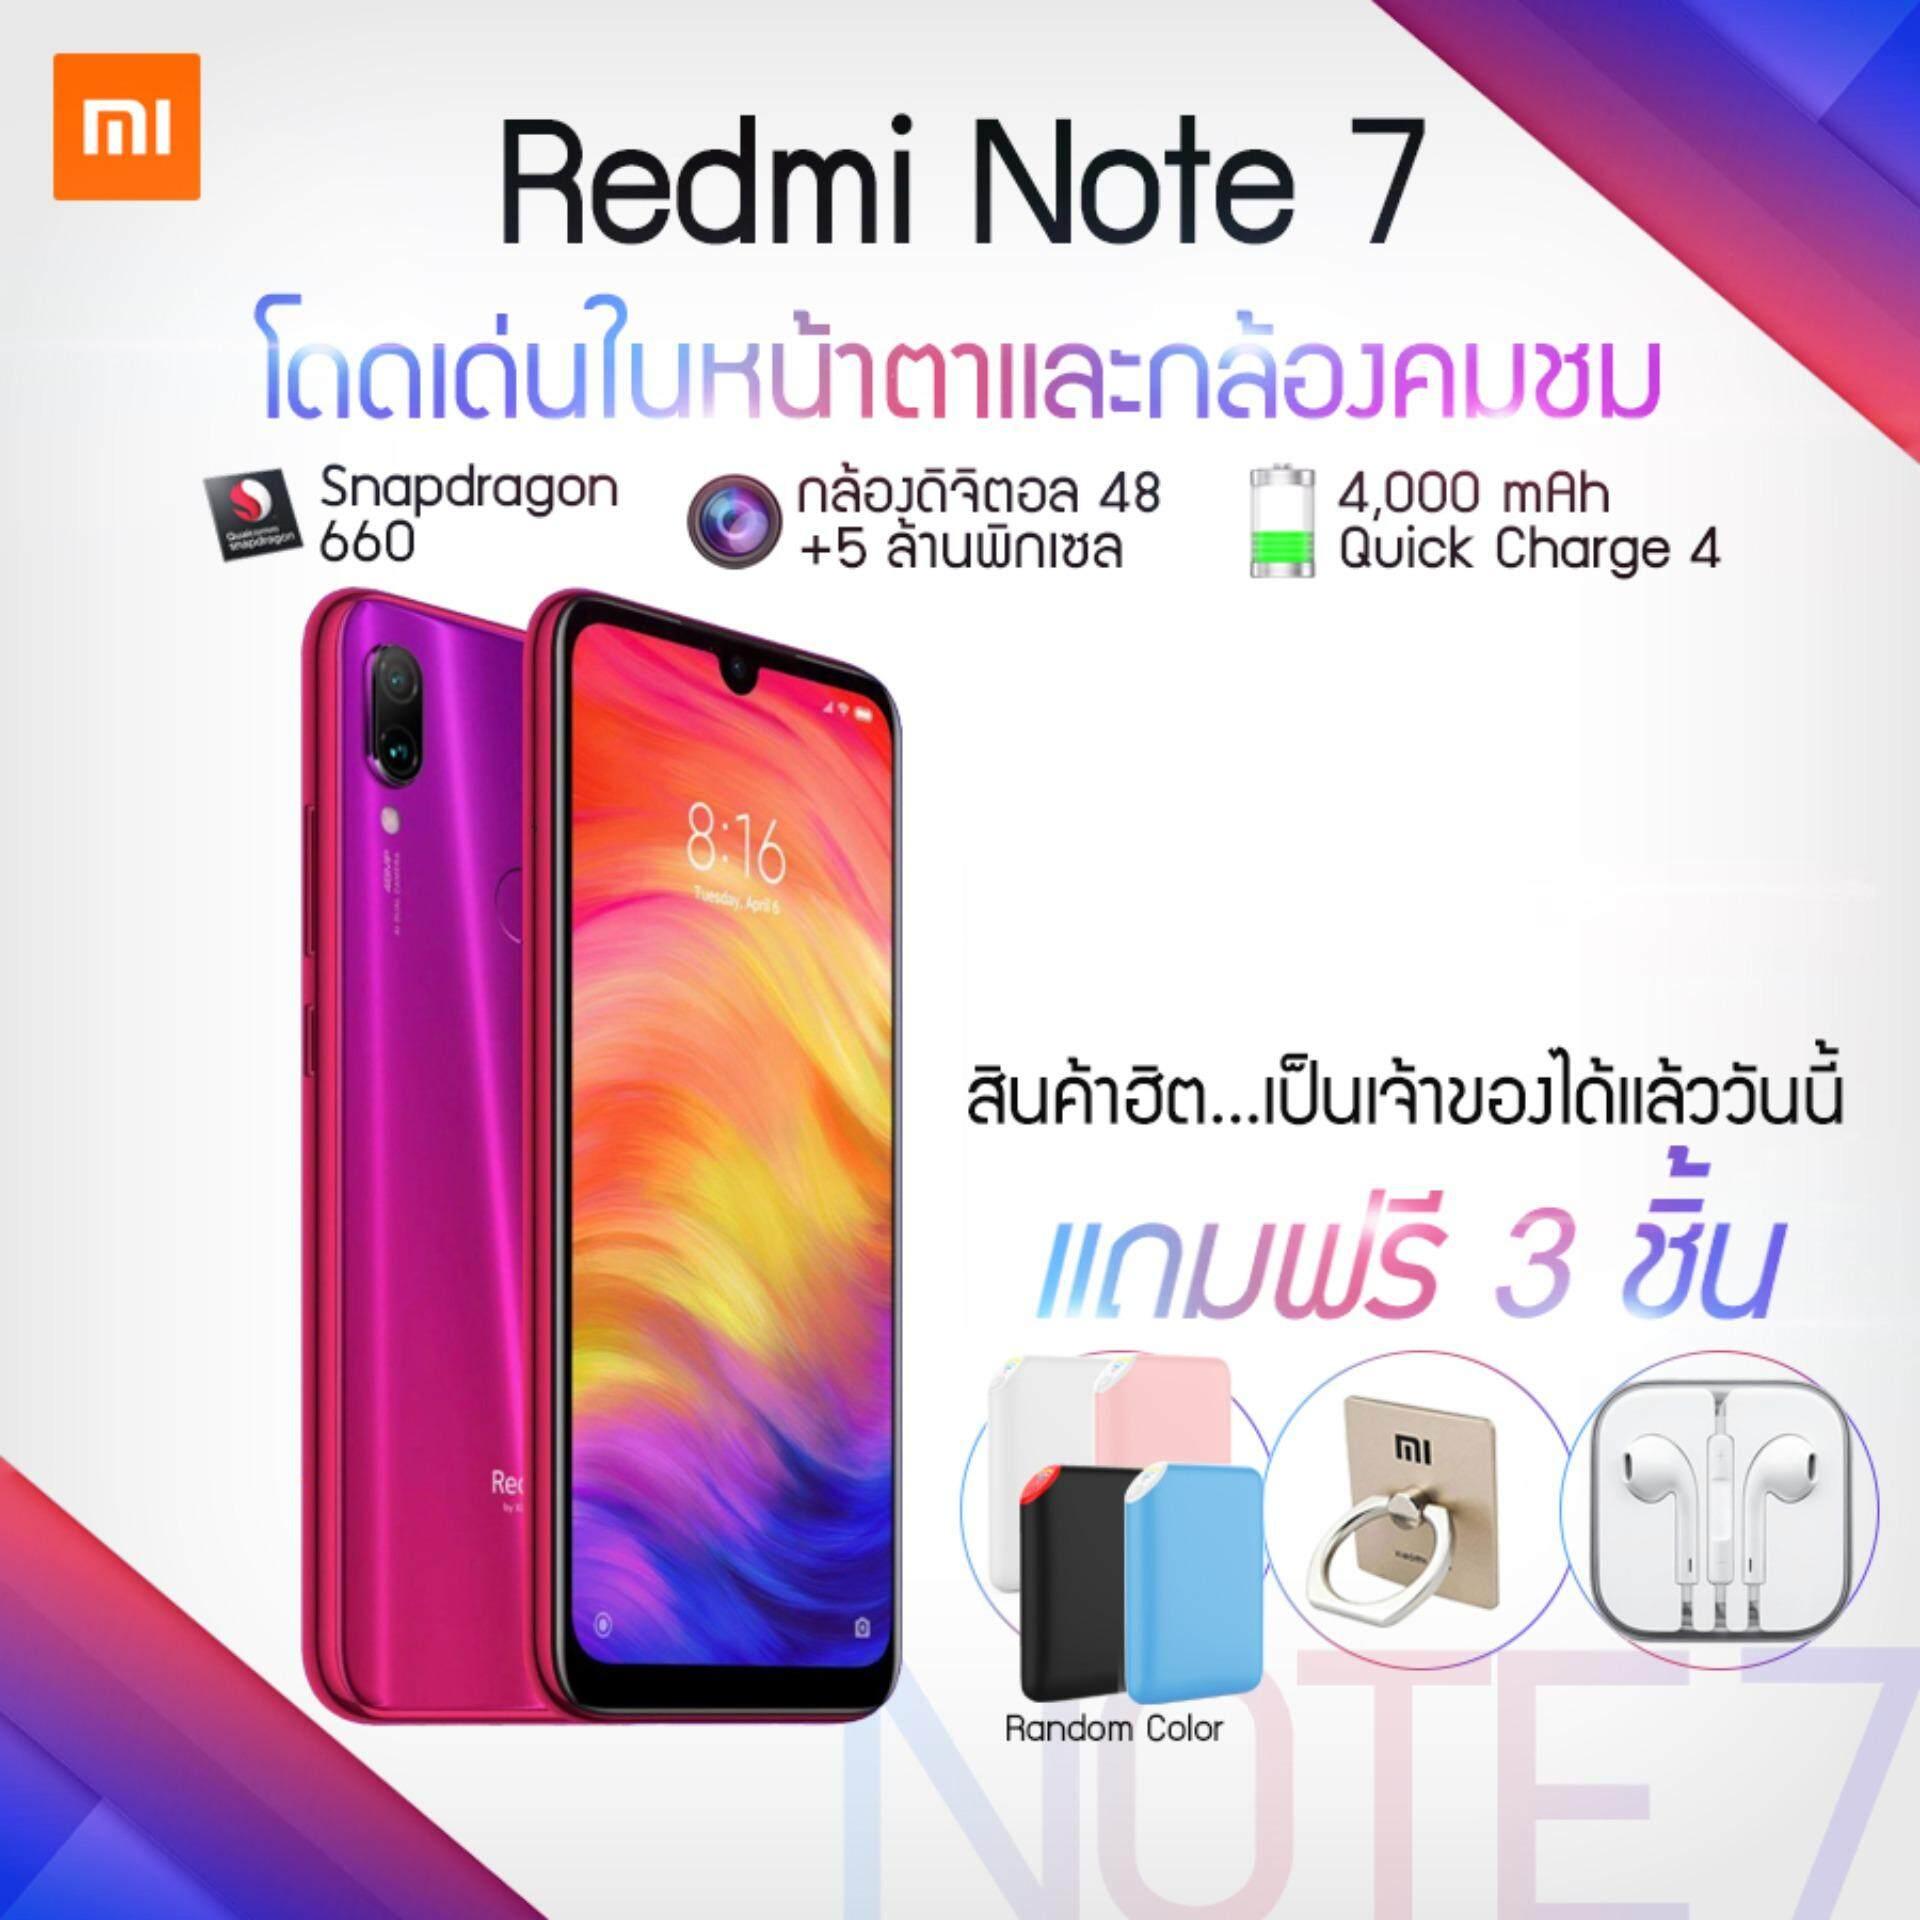 สอนใช้งาน  ปทุมธานี Xiaomi Redmi Note 7 3/32,4/64,4/128 [Global Version] [รับประกันร้าน 18 เดือน] แถมฟรี power bank หูฟัง และแหวนติดเคส mobile phone mi phone